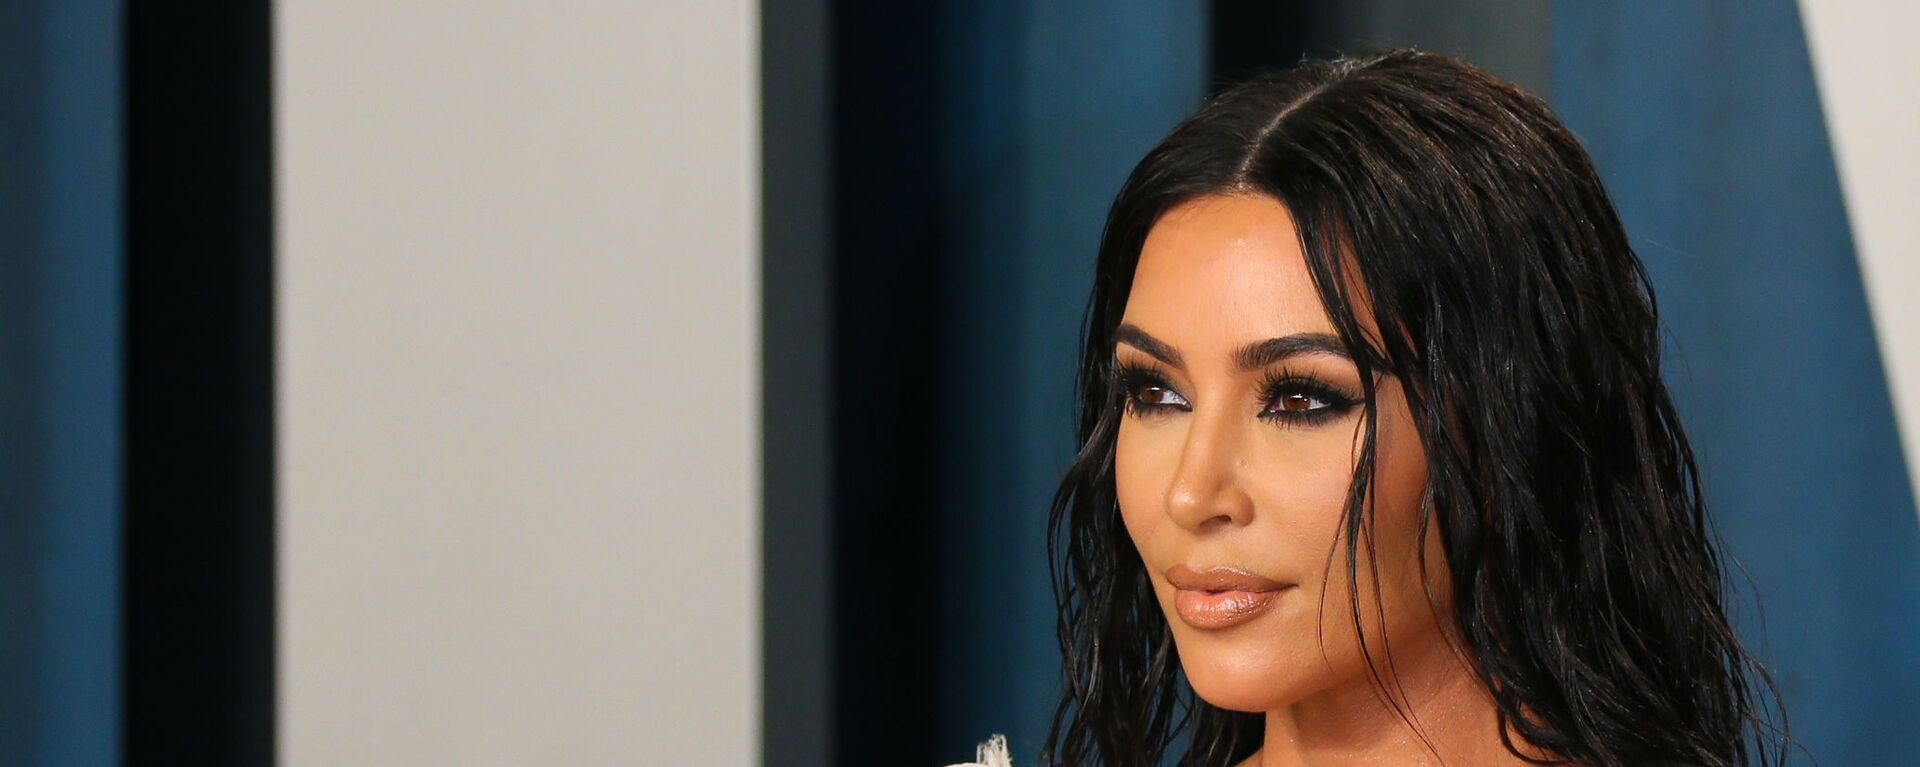 Kim Kardashian - Sputnik Türkiye, 1920, 07.09.2021